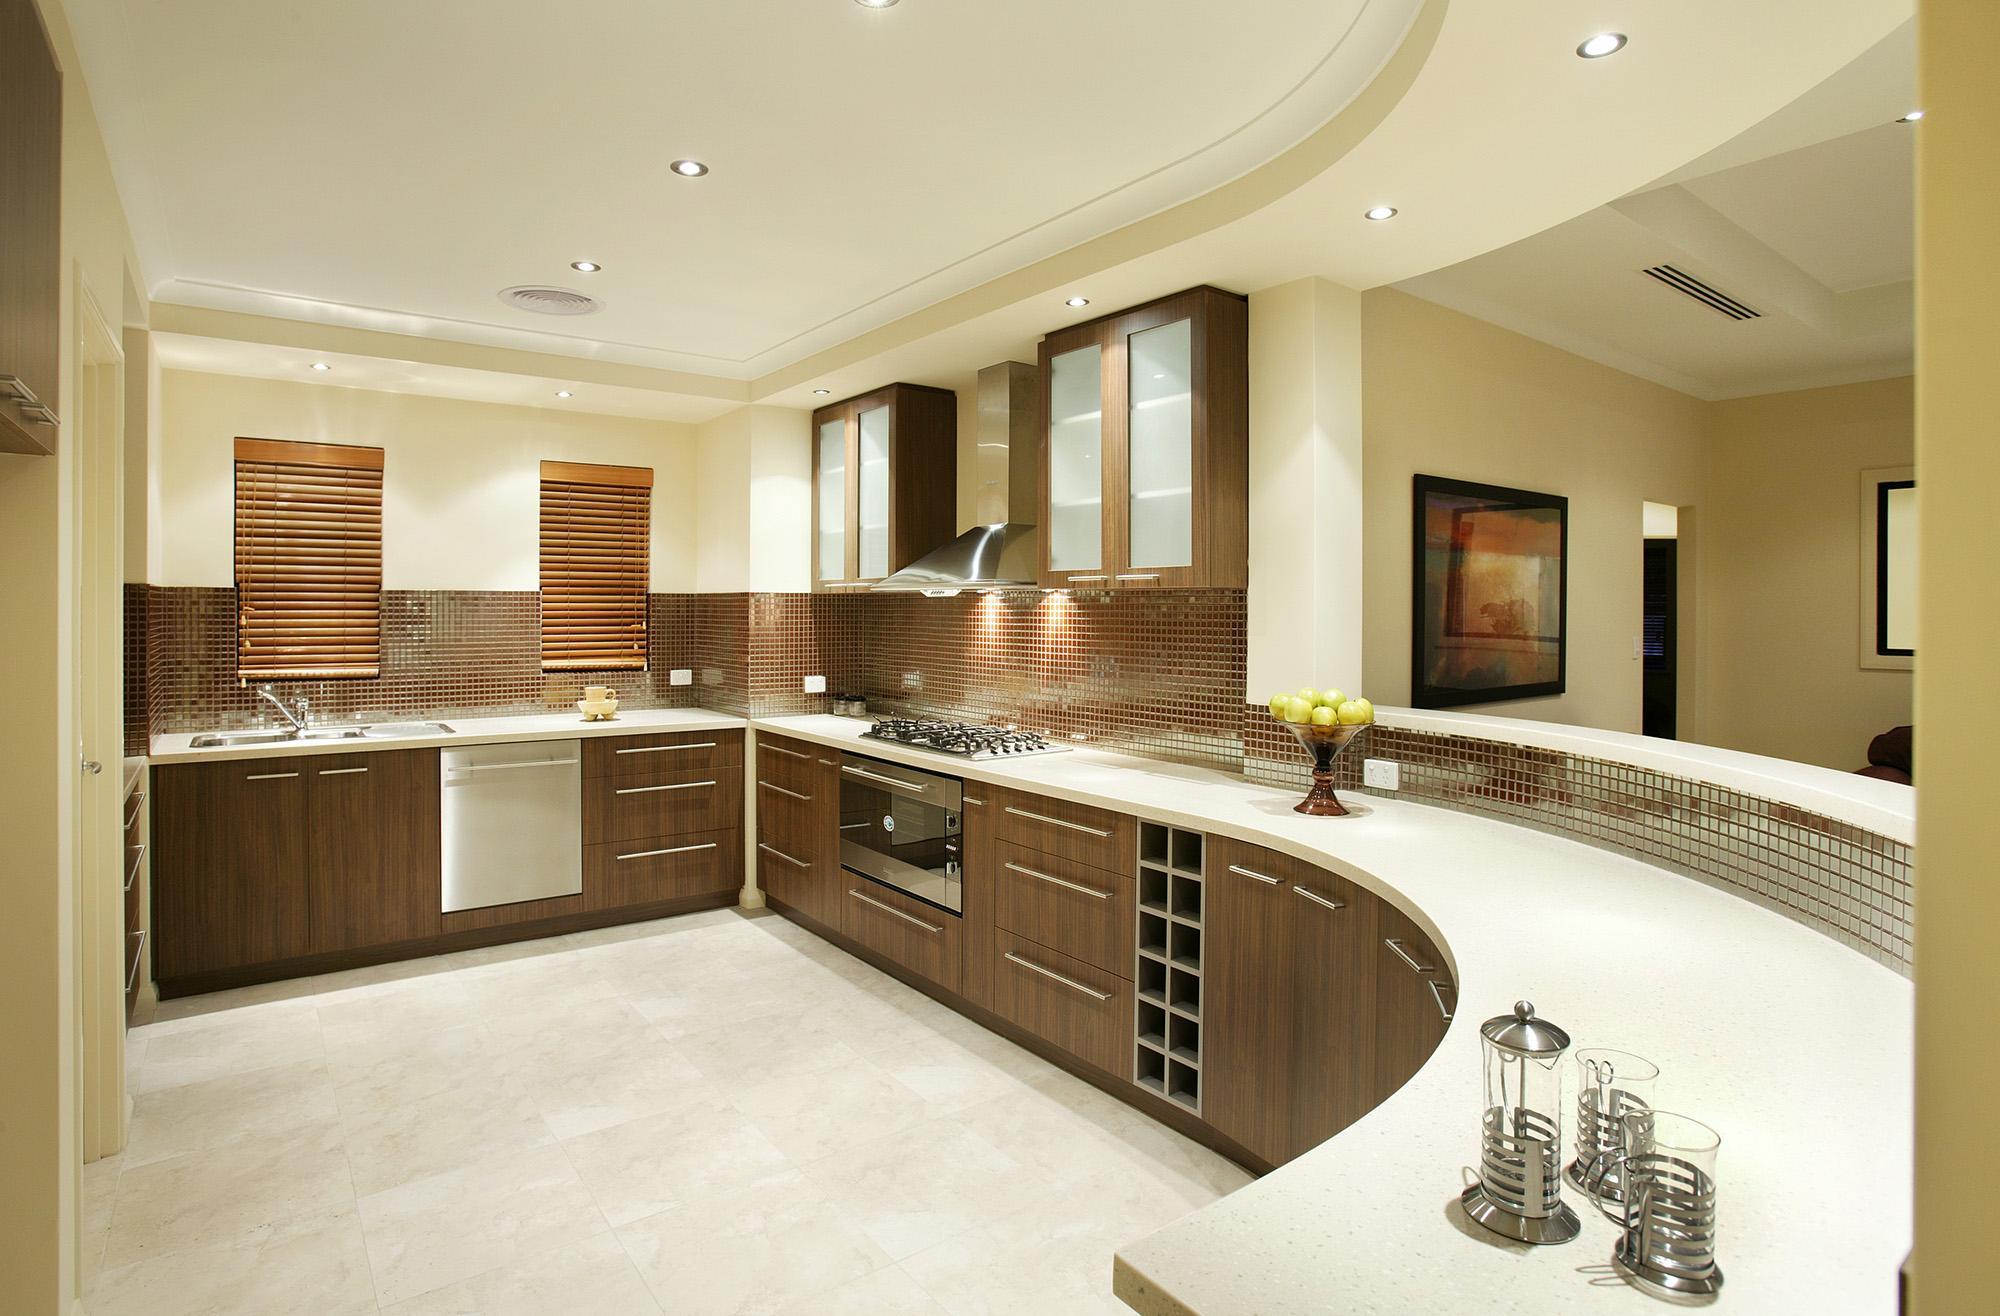 Дизайн кухни 15 кв м с окном в комнату